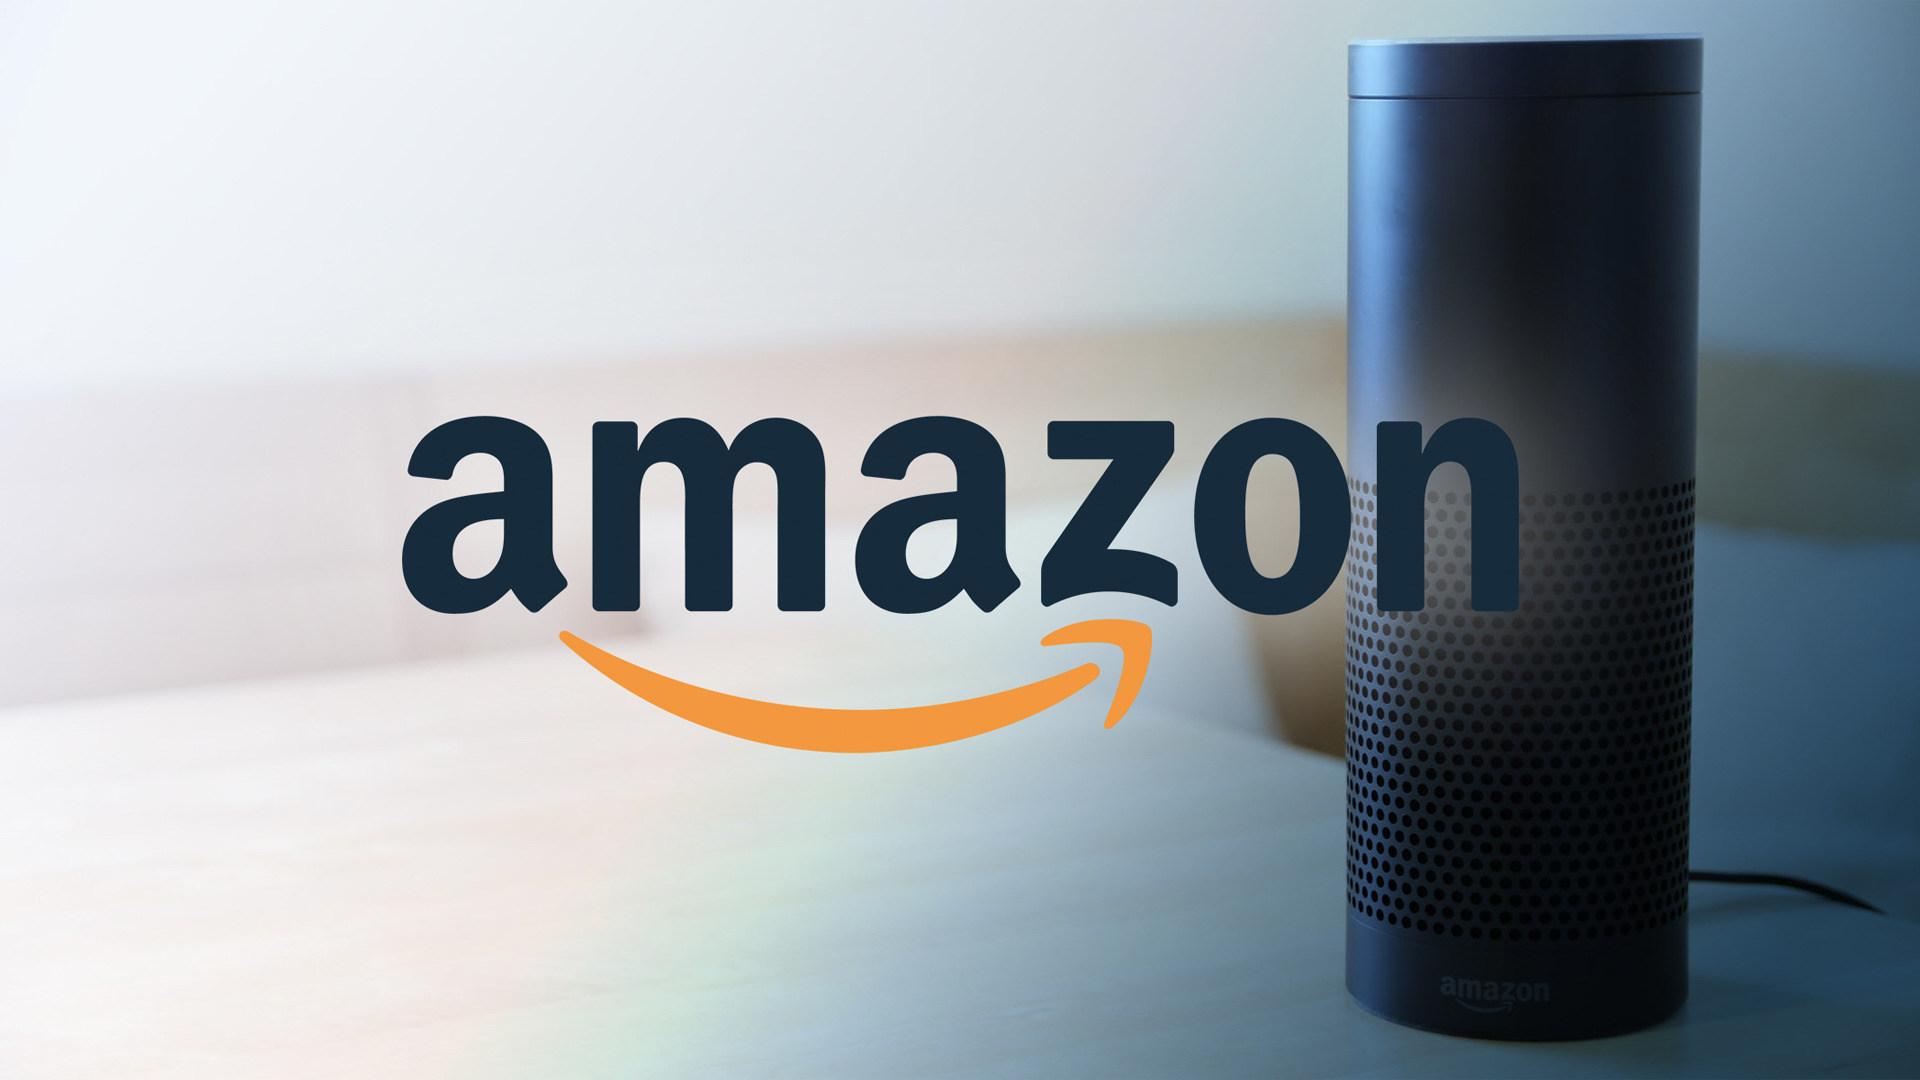 Amazon, Alexa, Amazon Echo, Echo, Amazon Logo, Amazon Echo 2